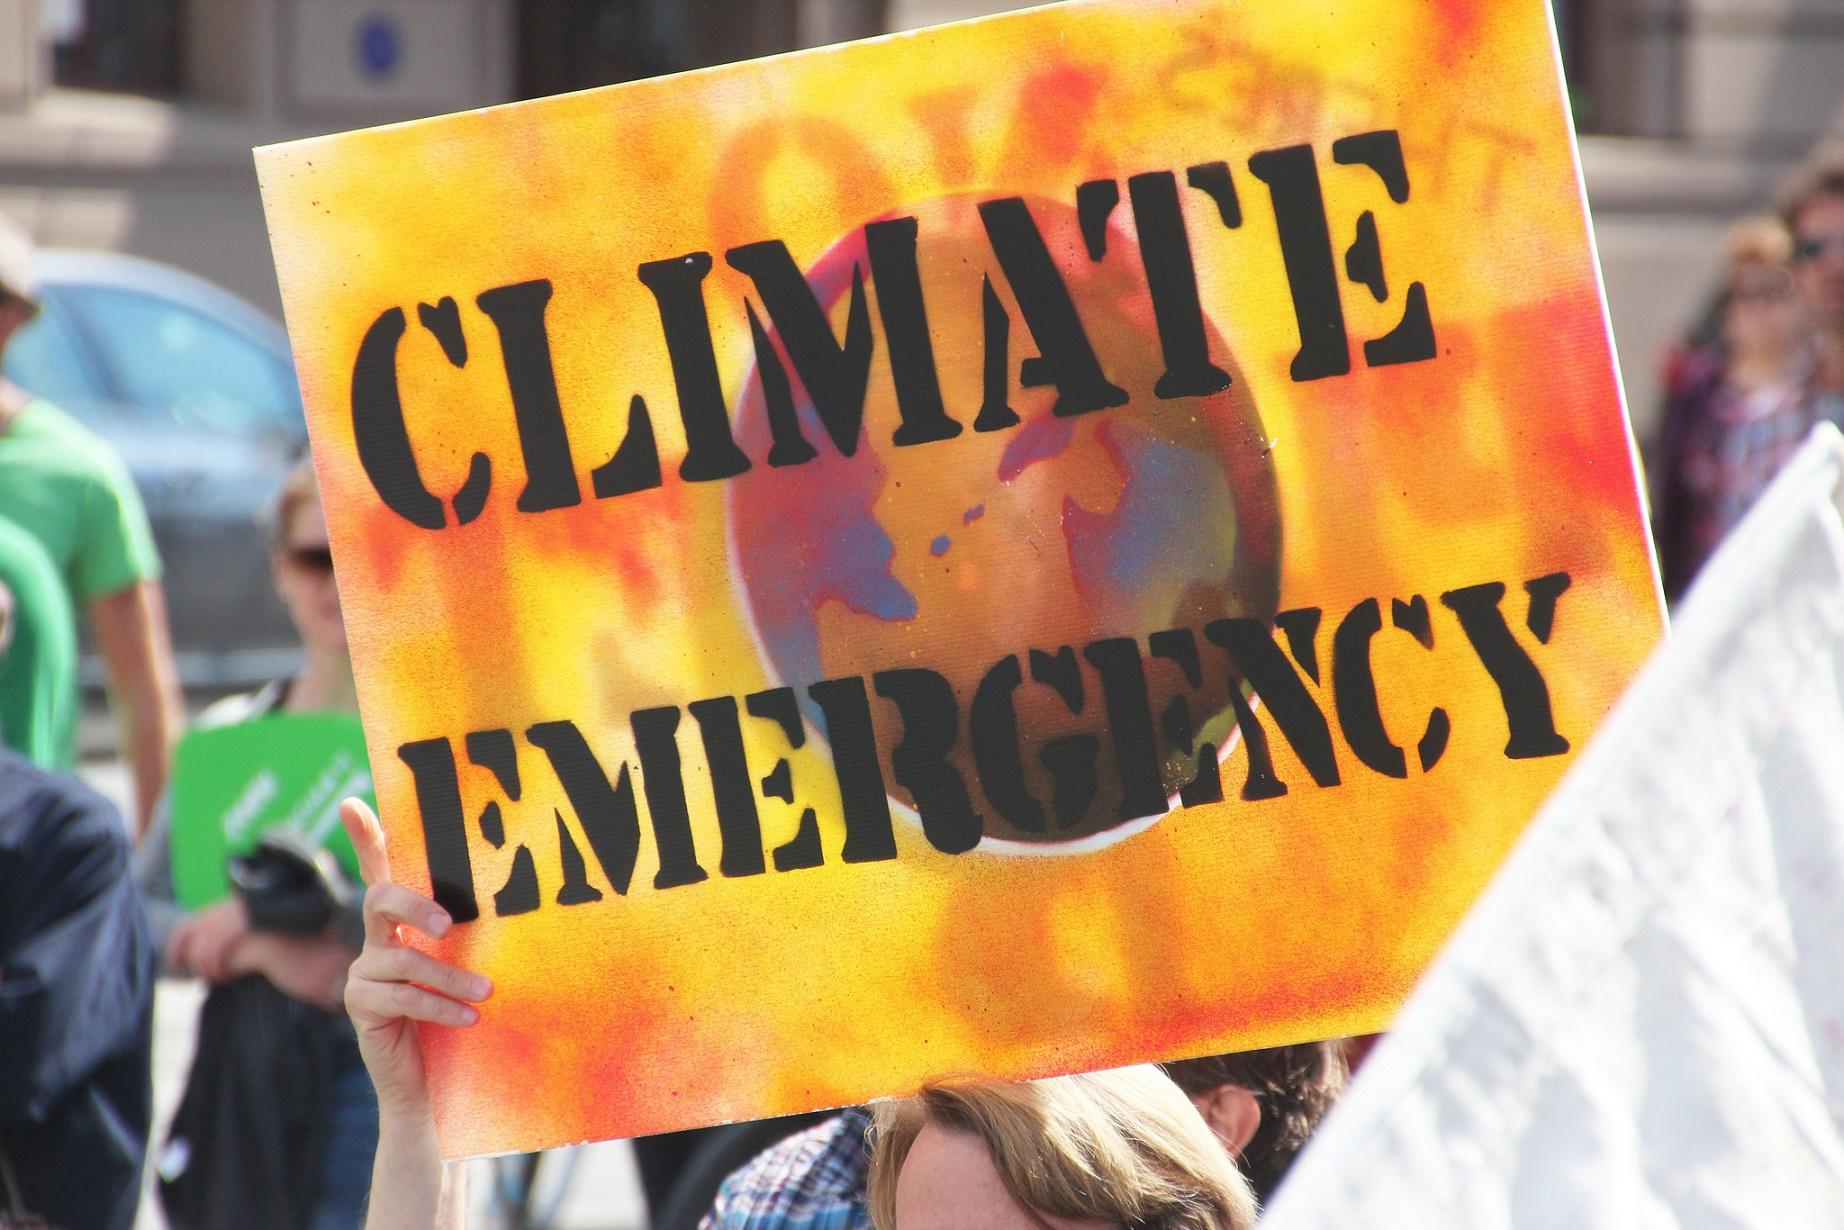 Colocar o acordo climático prática exigirá grande capacidade de ação e clareza de objetivos de nossa sociedade